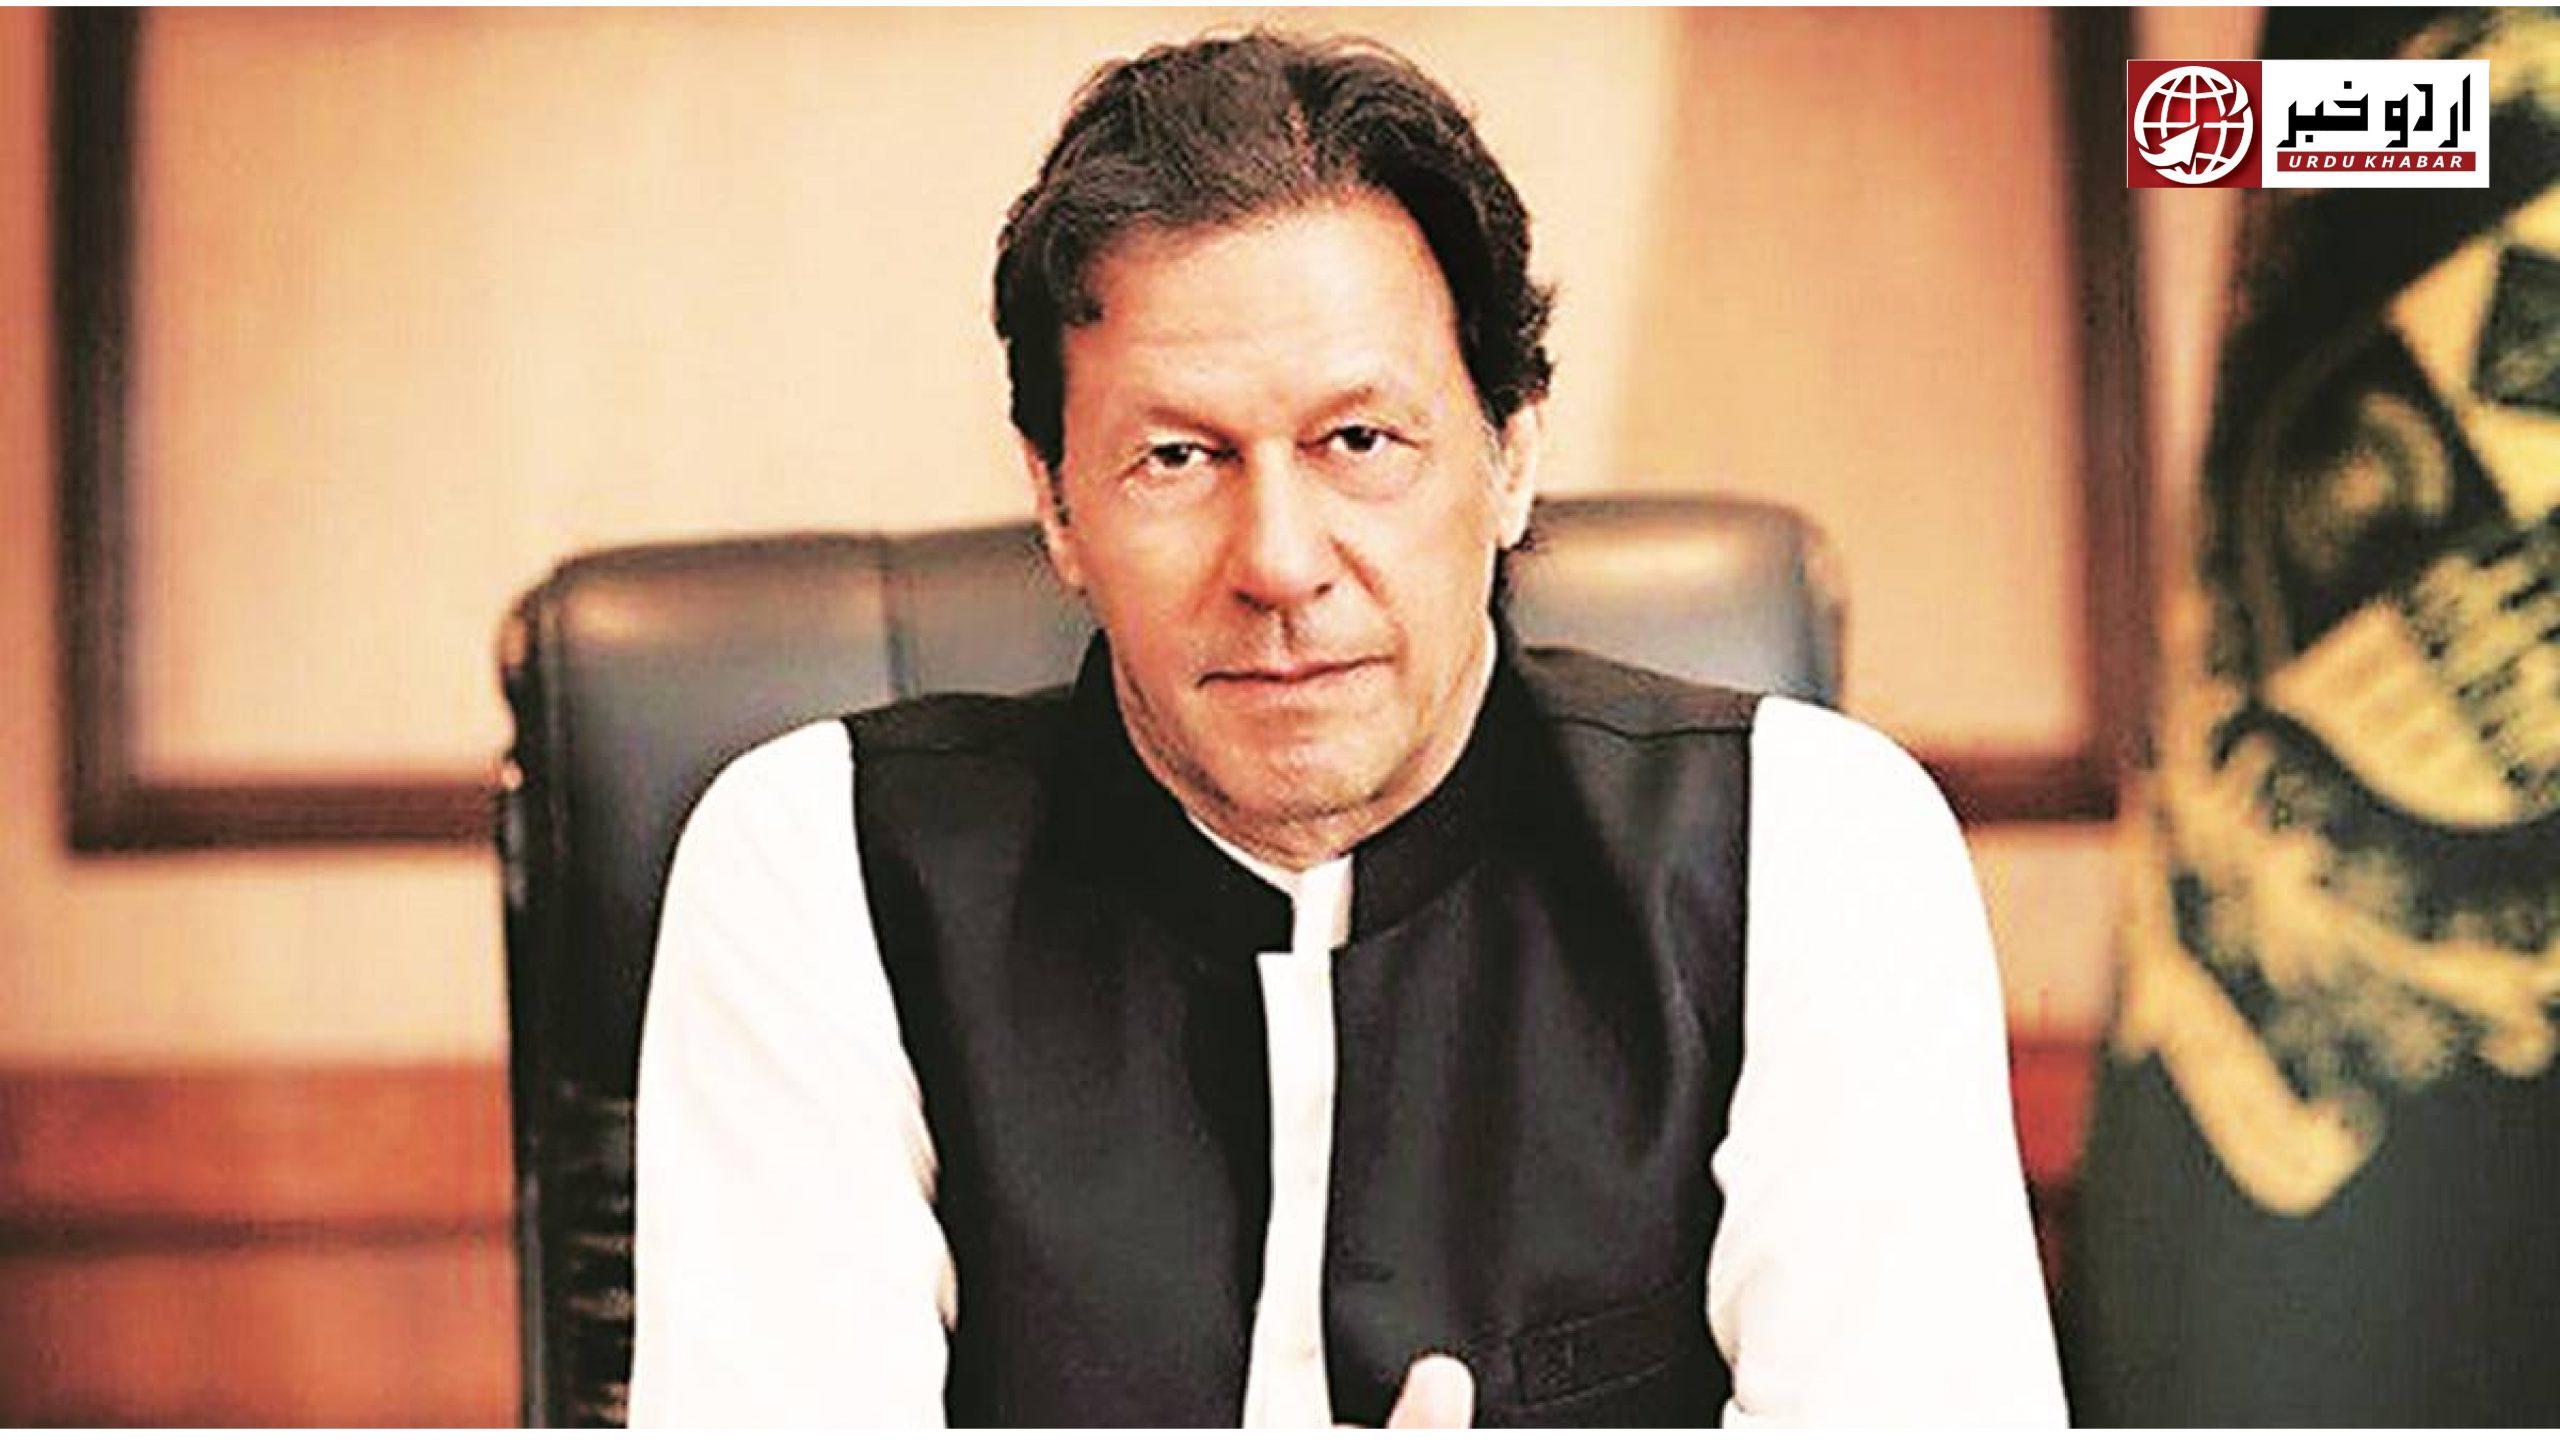 الیکشن کمیشن نے وزیر اعظم عمران خان کے اثاثوں کی تفصیلات بتا دیں